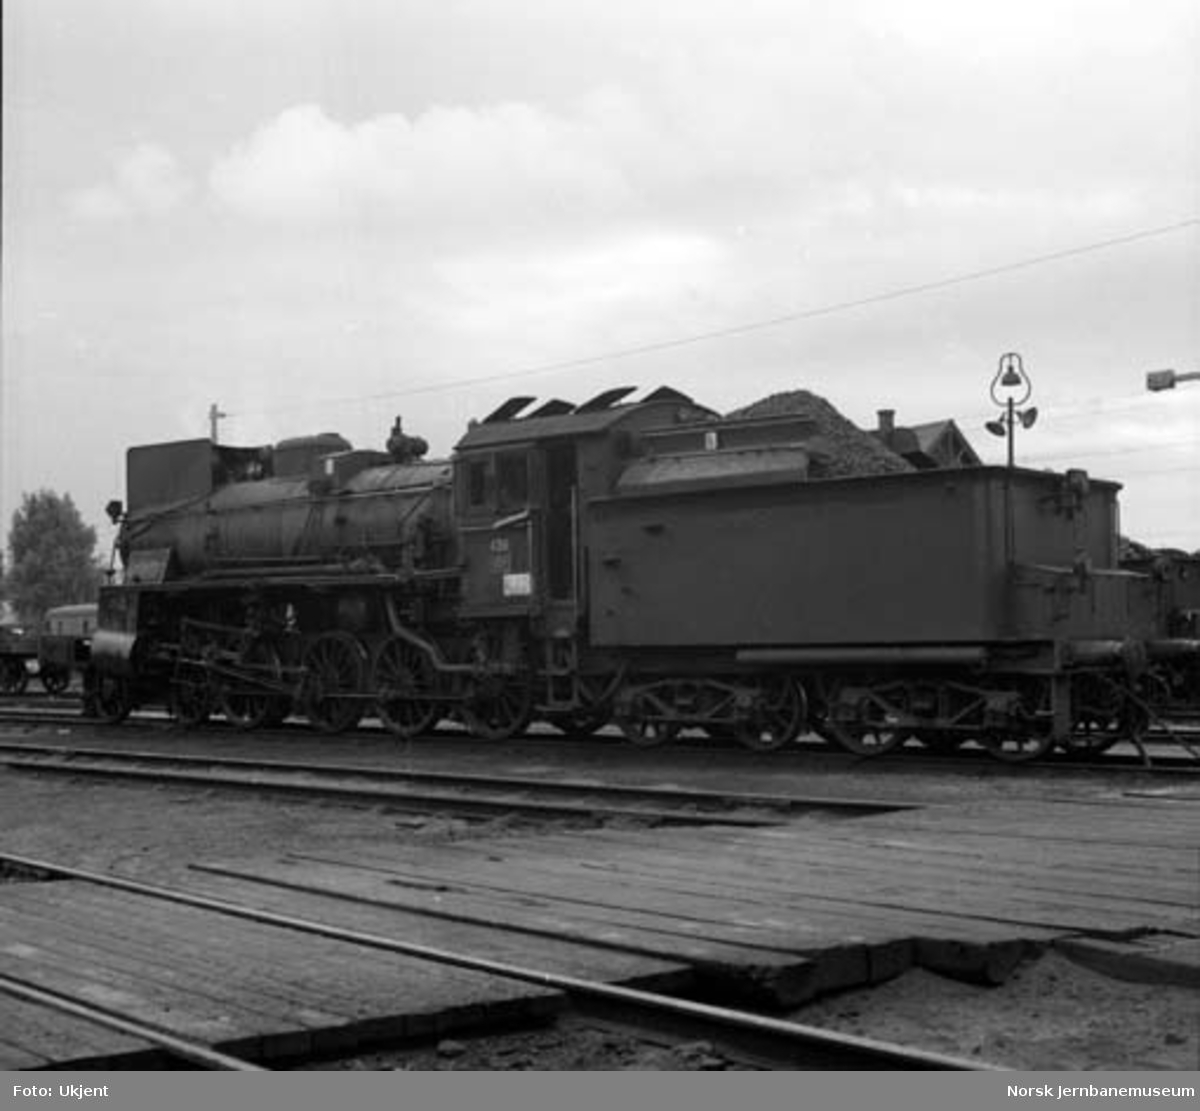 Damplokomotiv type 26c 436